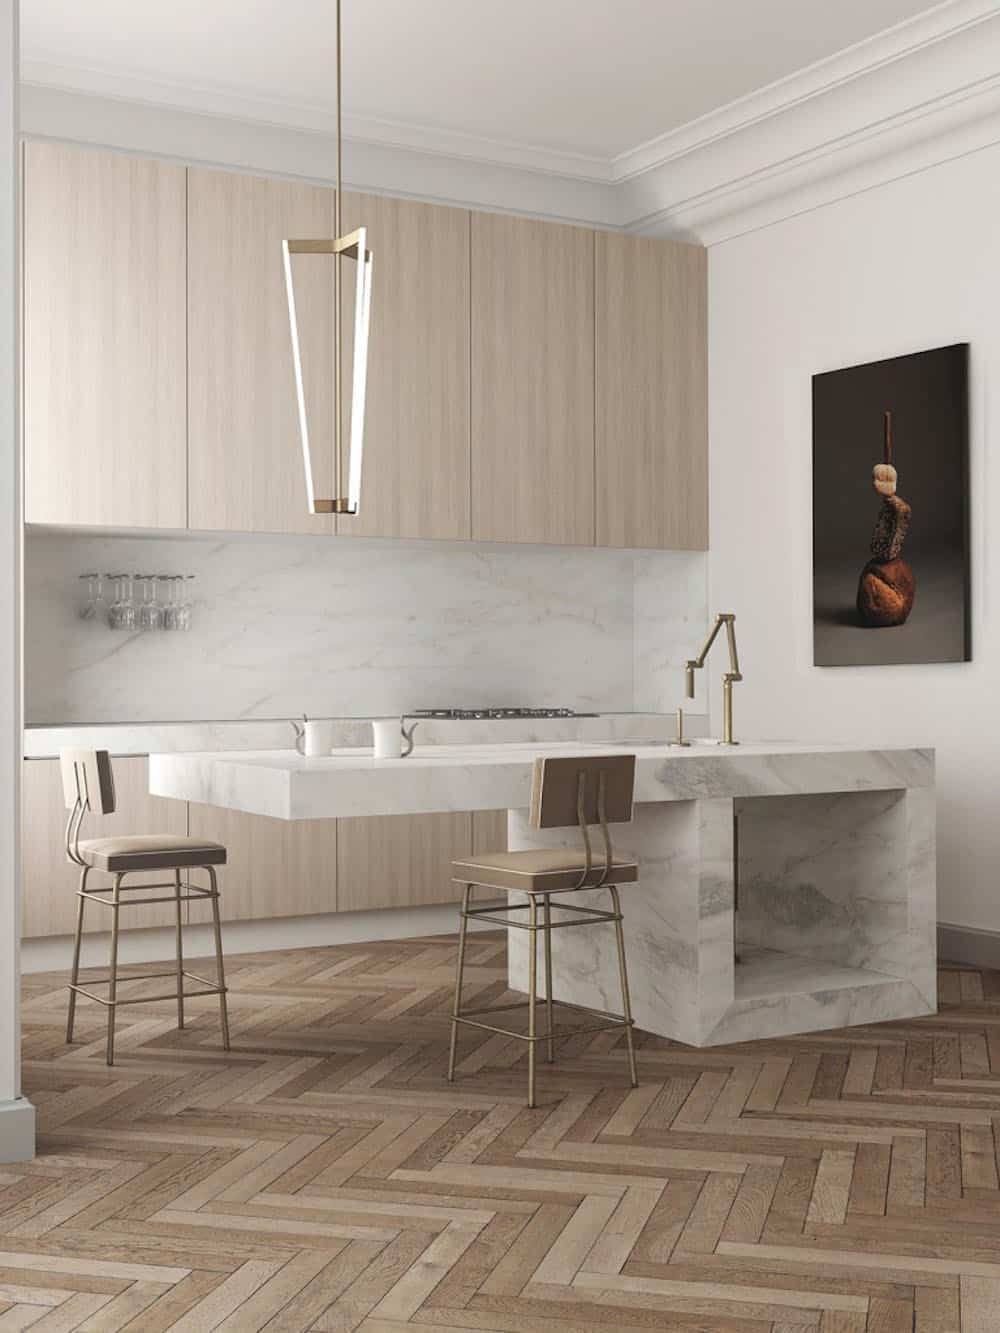 Luxurious kitchen design by Katty Shiebeck